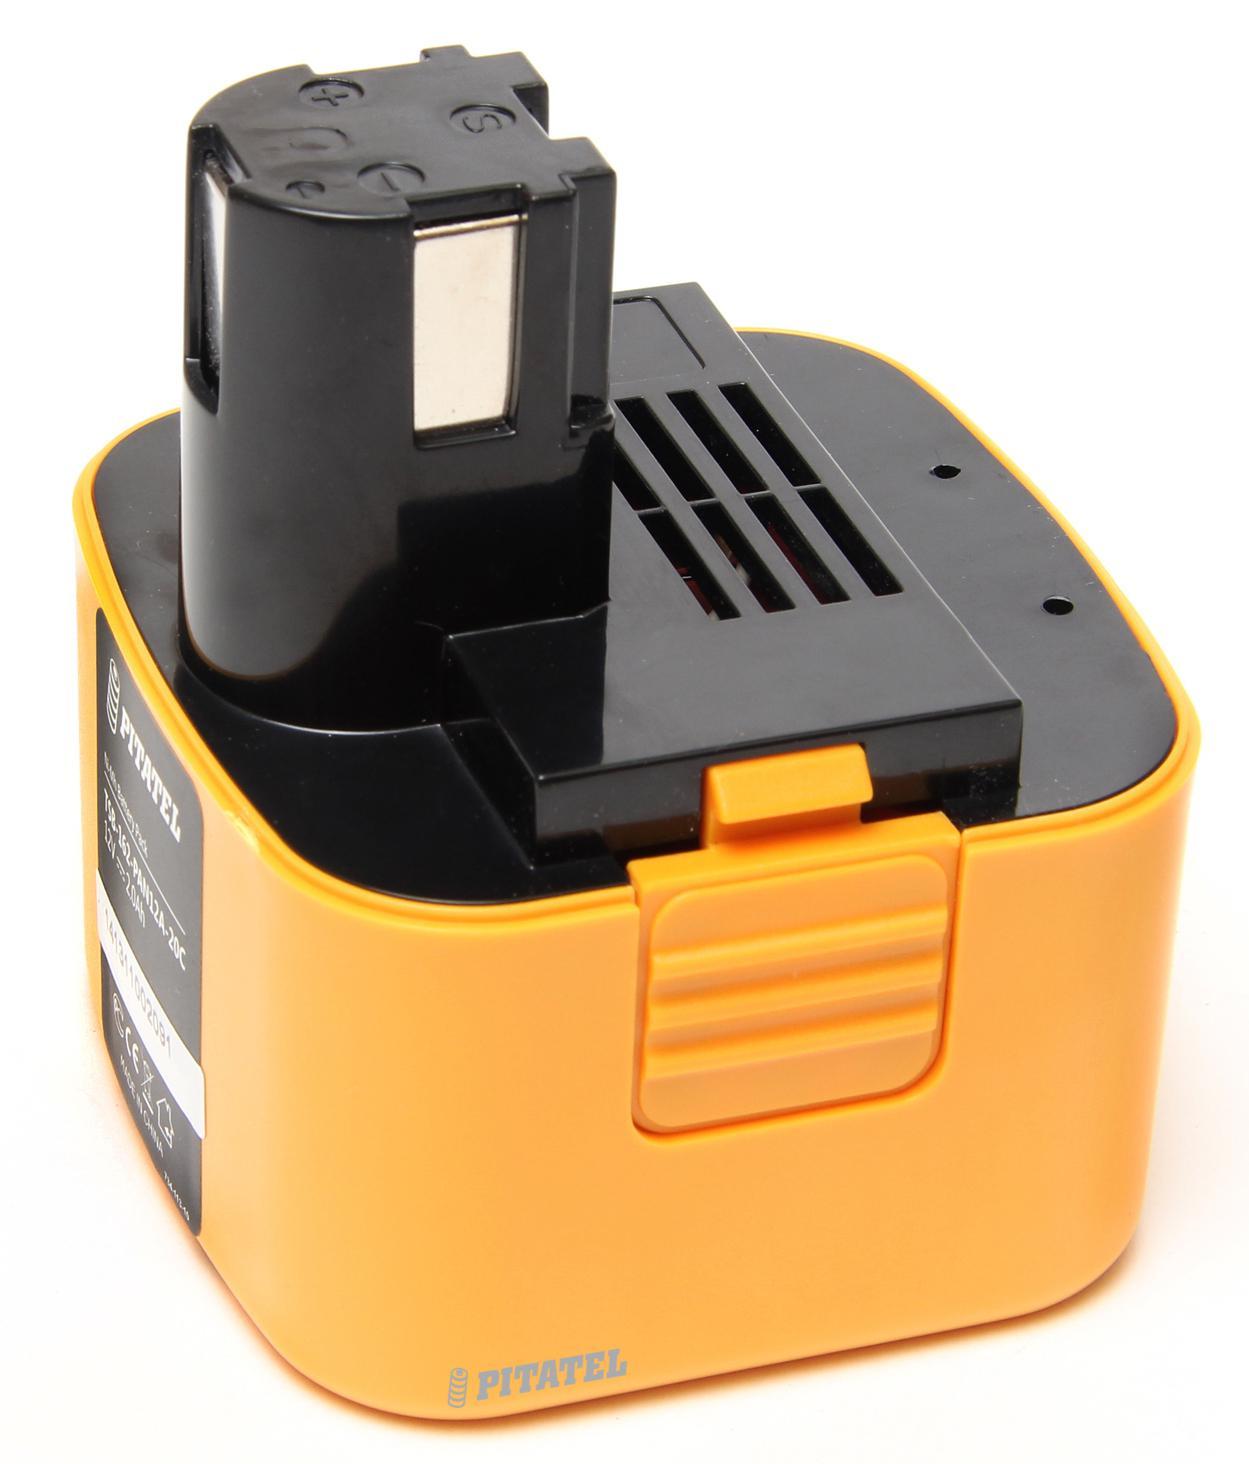 Аккумулятор Pitatel Tsb-162-pan12a-20c аккумулятор для инструмента pitatel для panasonic tsb 181 pan96b 20c